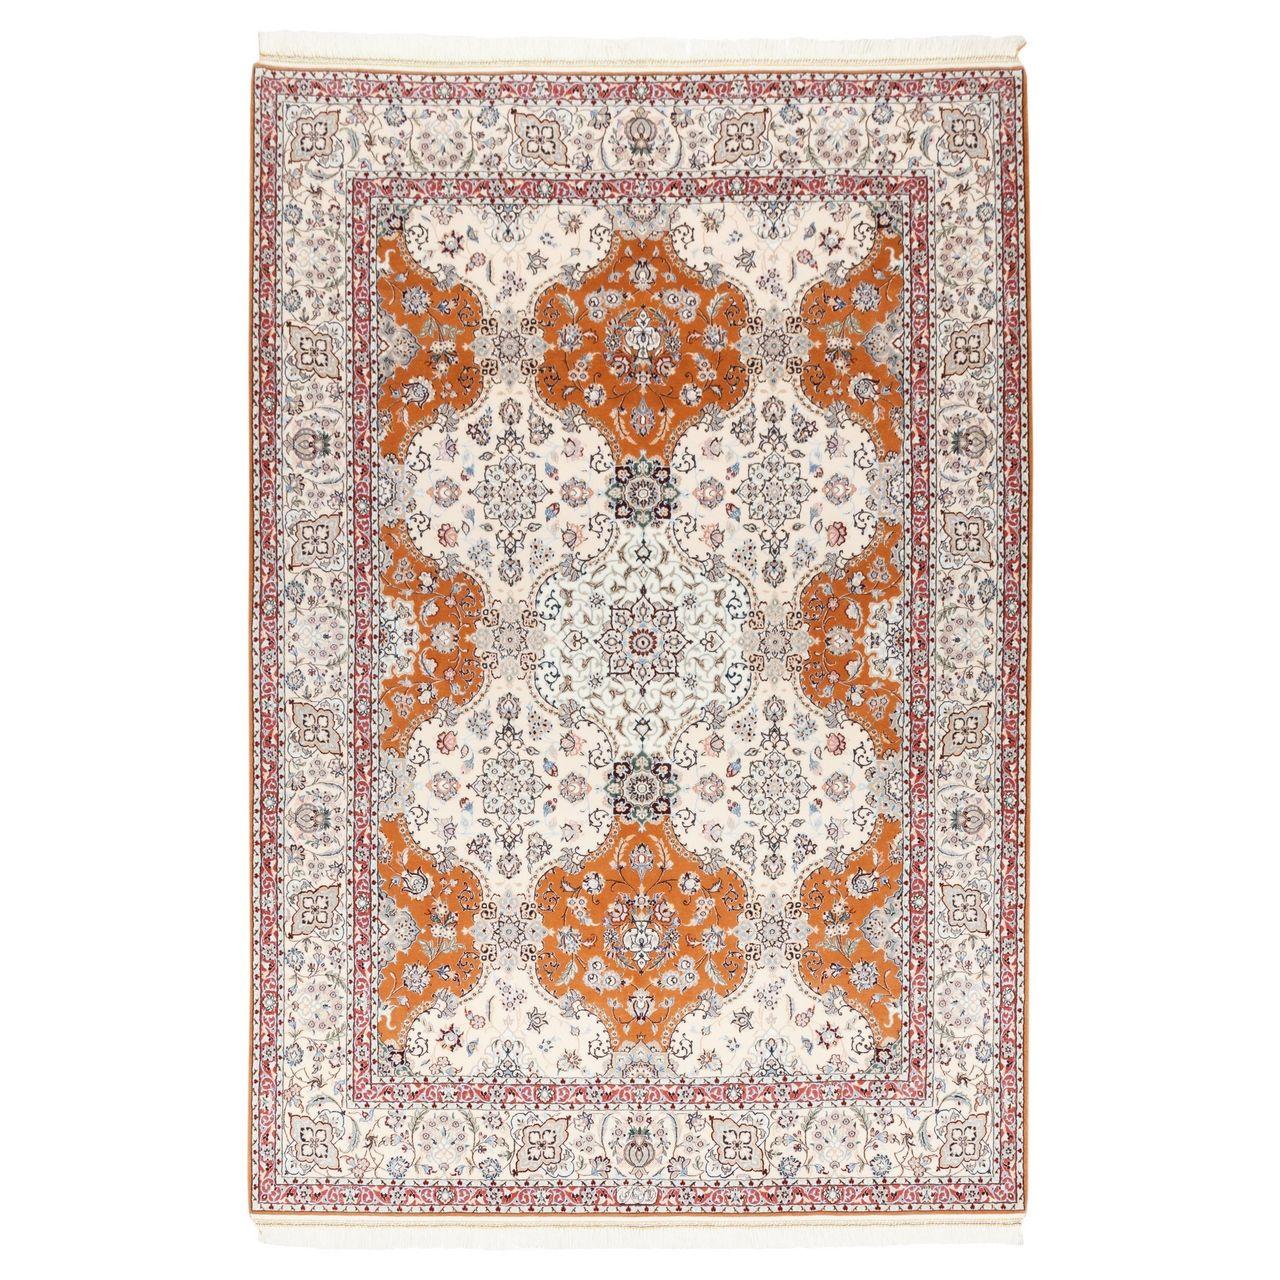 فرش دستباف چهار متری سی پرشیا کد 180080